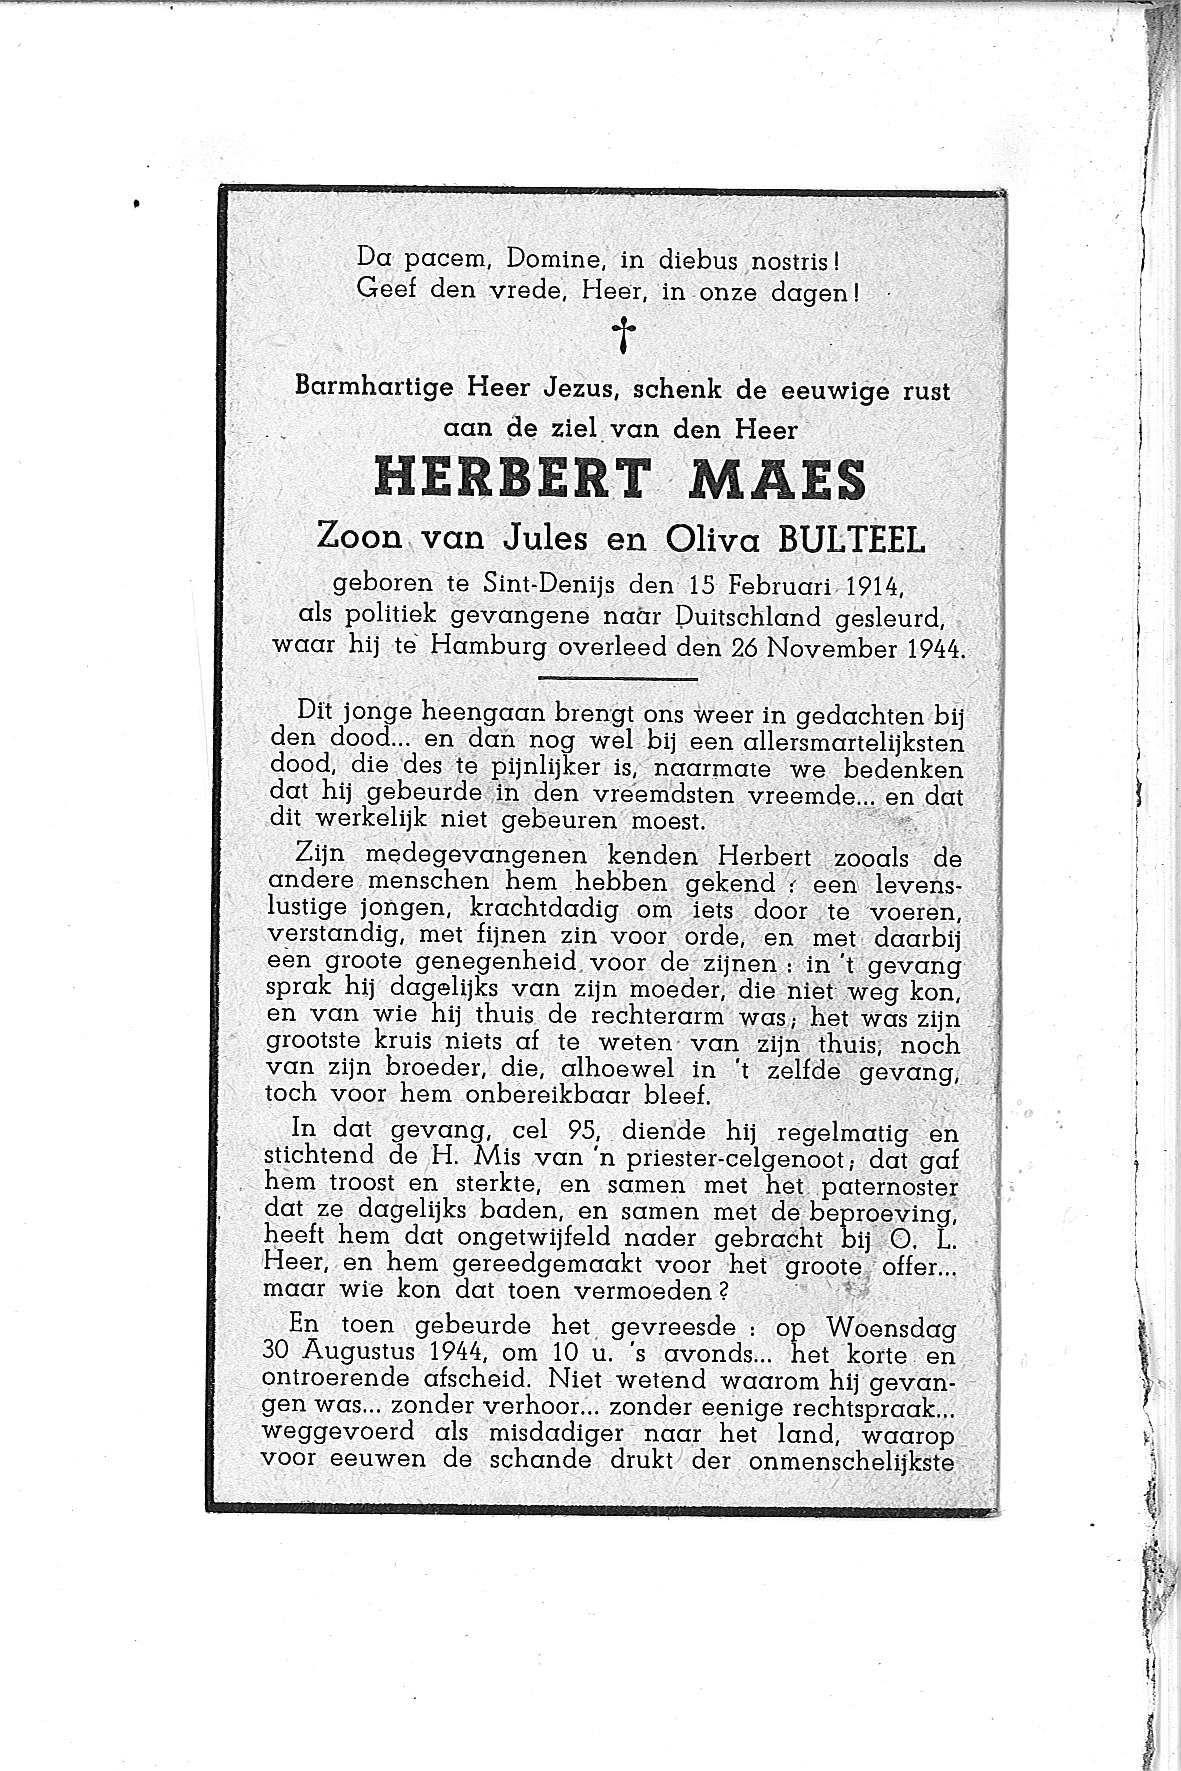 Herbert(1944)20111109083150_00139.jpg